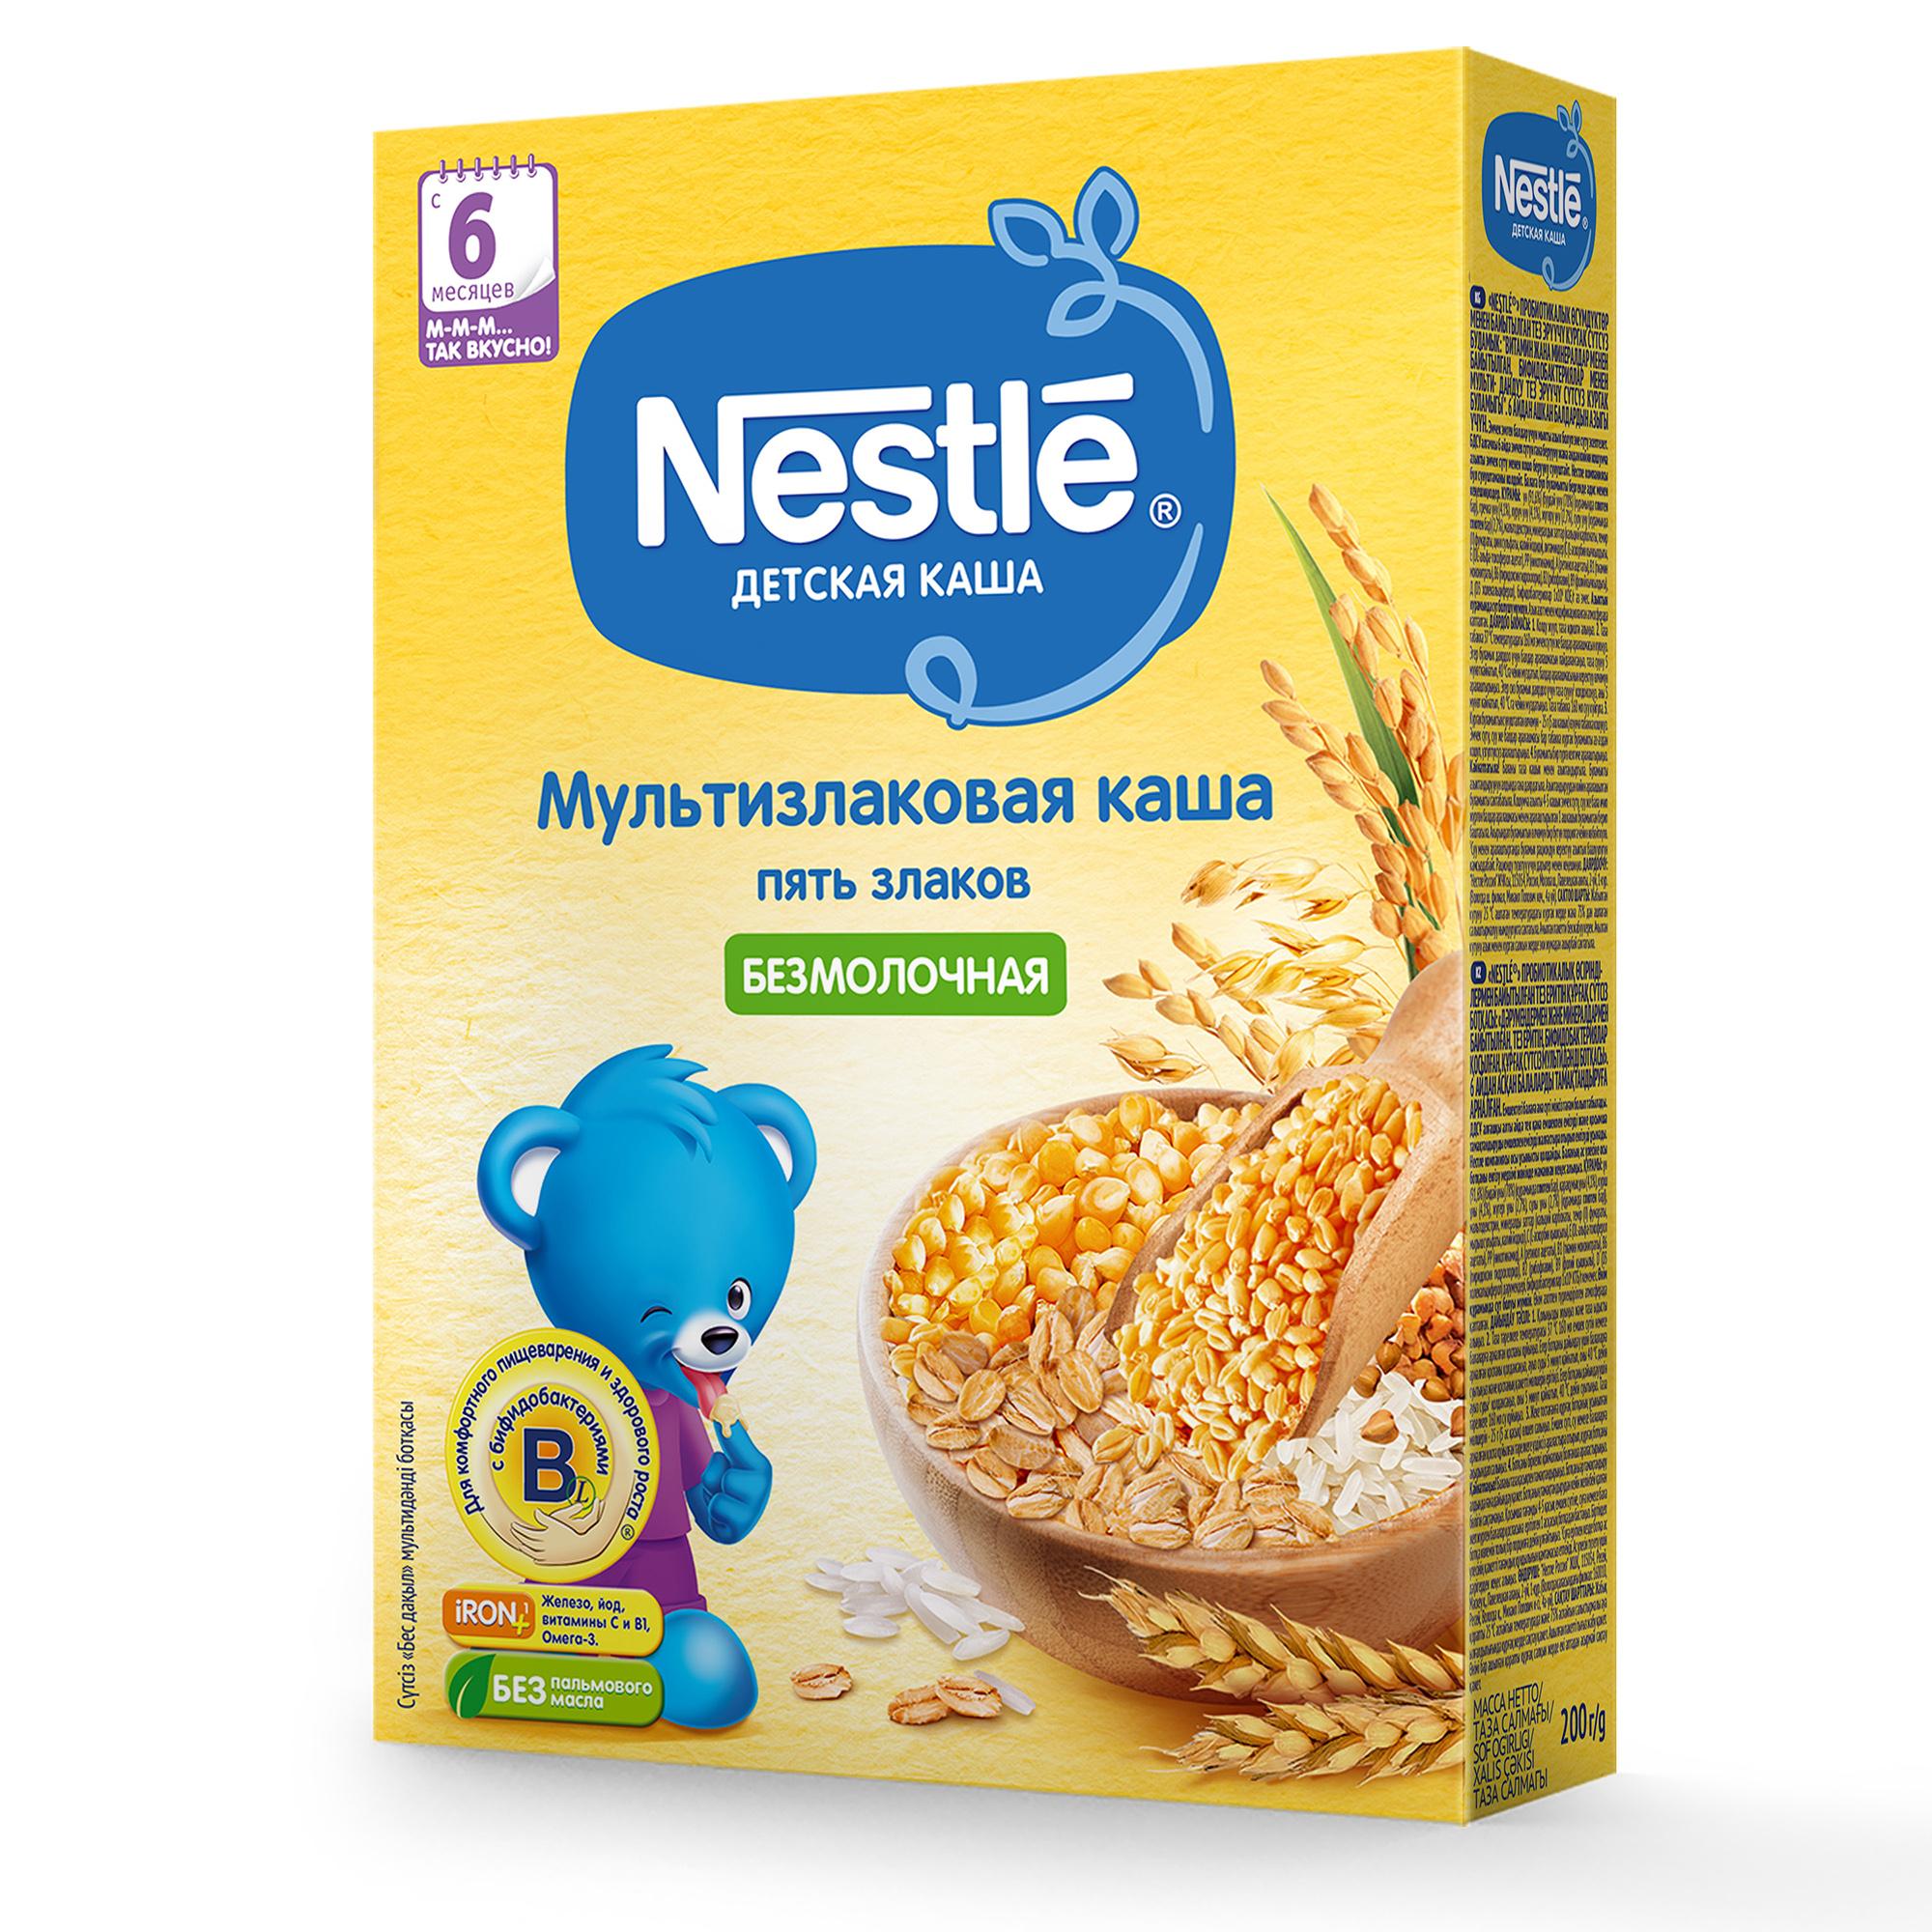 Безмолочная мультизлаковая 5 злаков с 6мес 200г с бифидобактериями BL каша Nestle (Нестле)